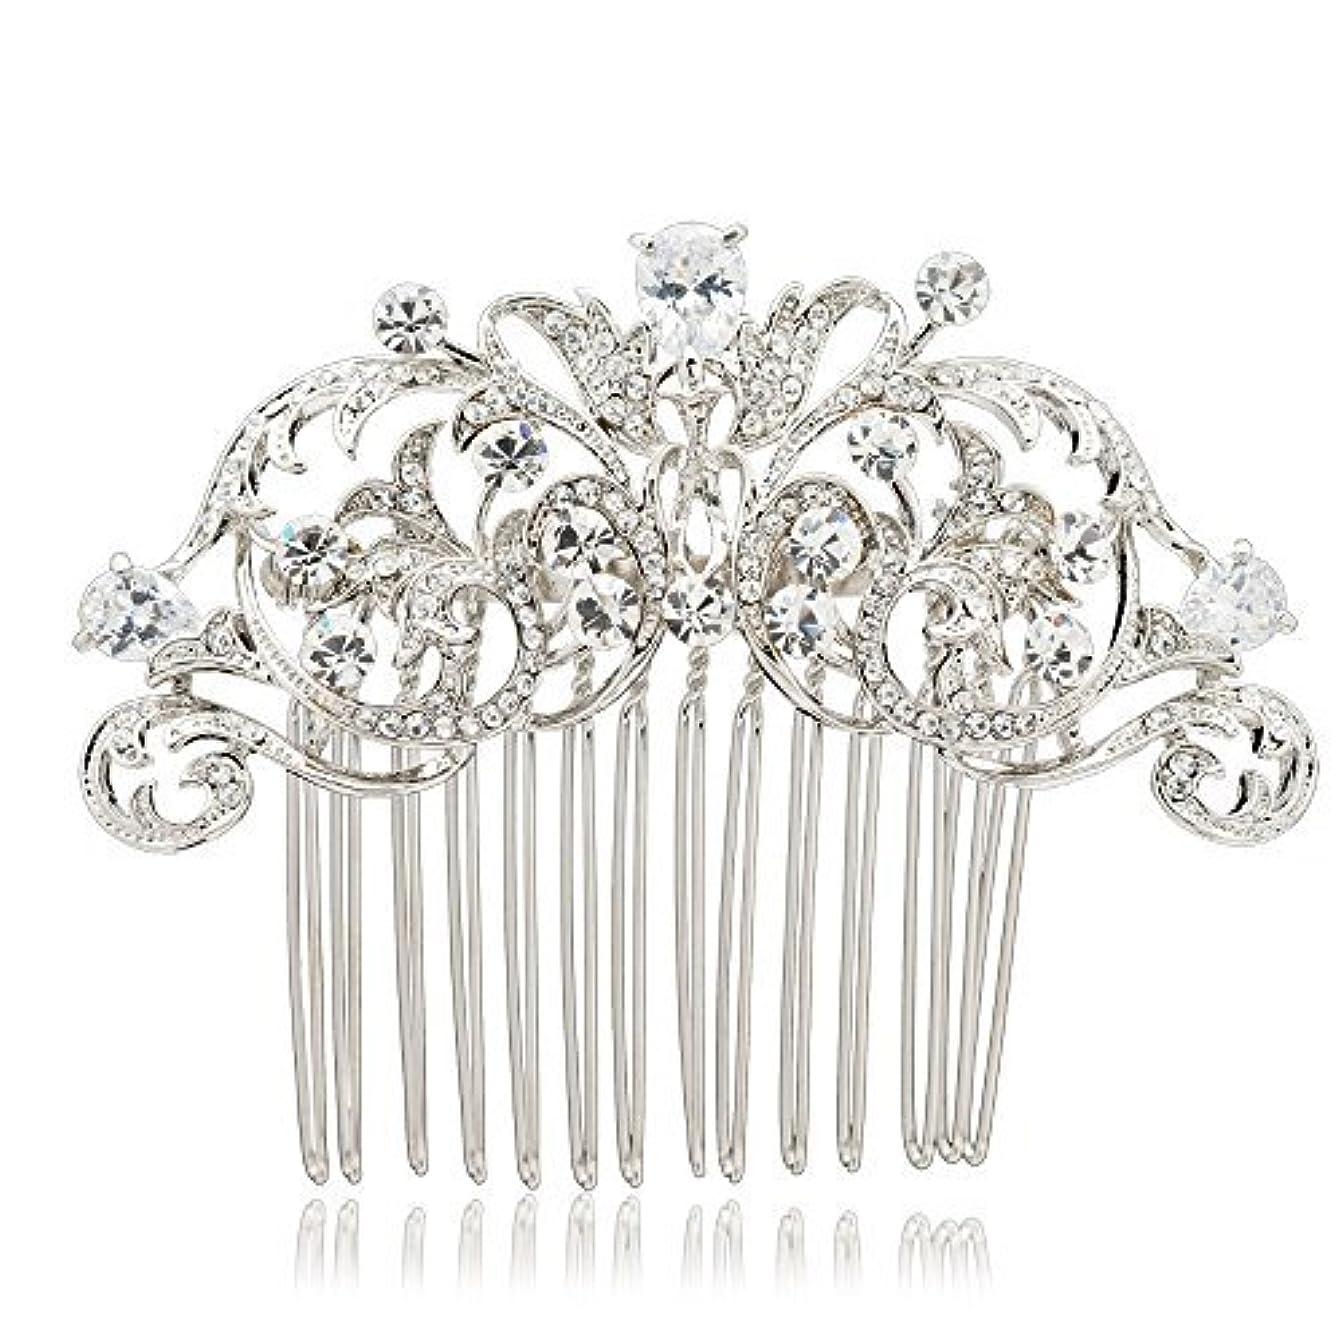 バクテリアセットアップアクセントSEPBRIDALS Crystal Rhinestone Hair Side Comb Pins Bridal Wedding Women Hair Accessories Jewelry 2253R [並行輸入品]